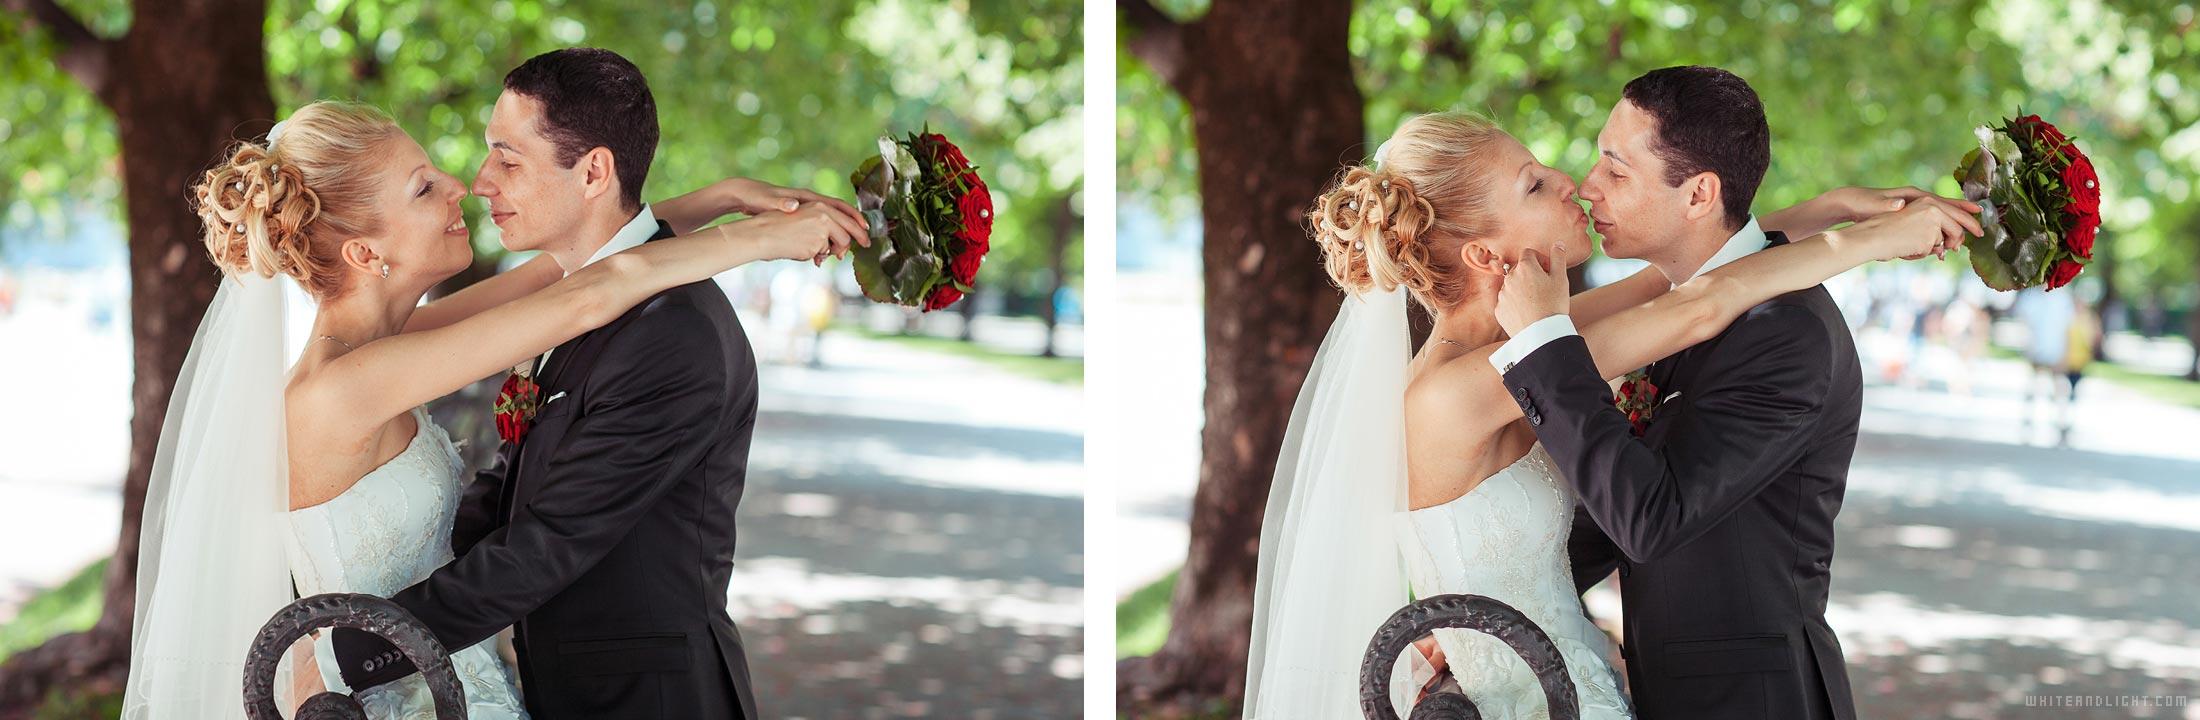 weddingdress styles